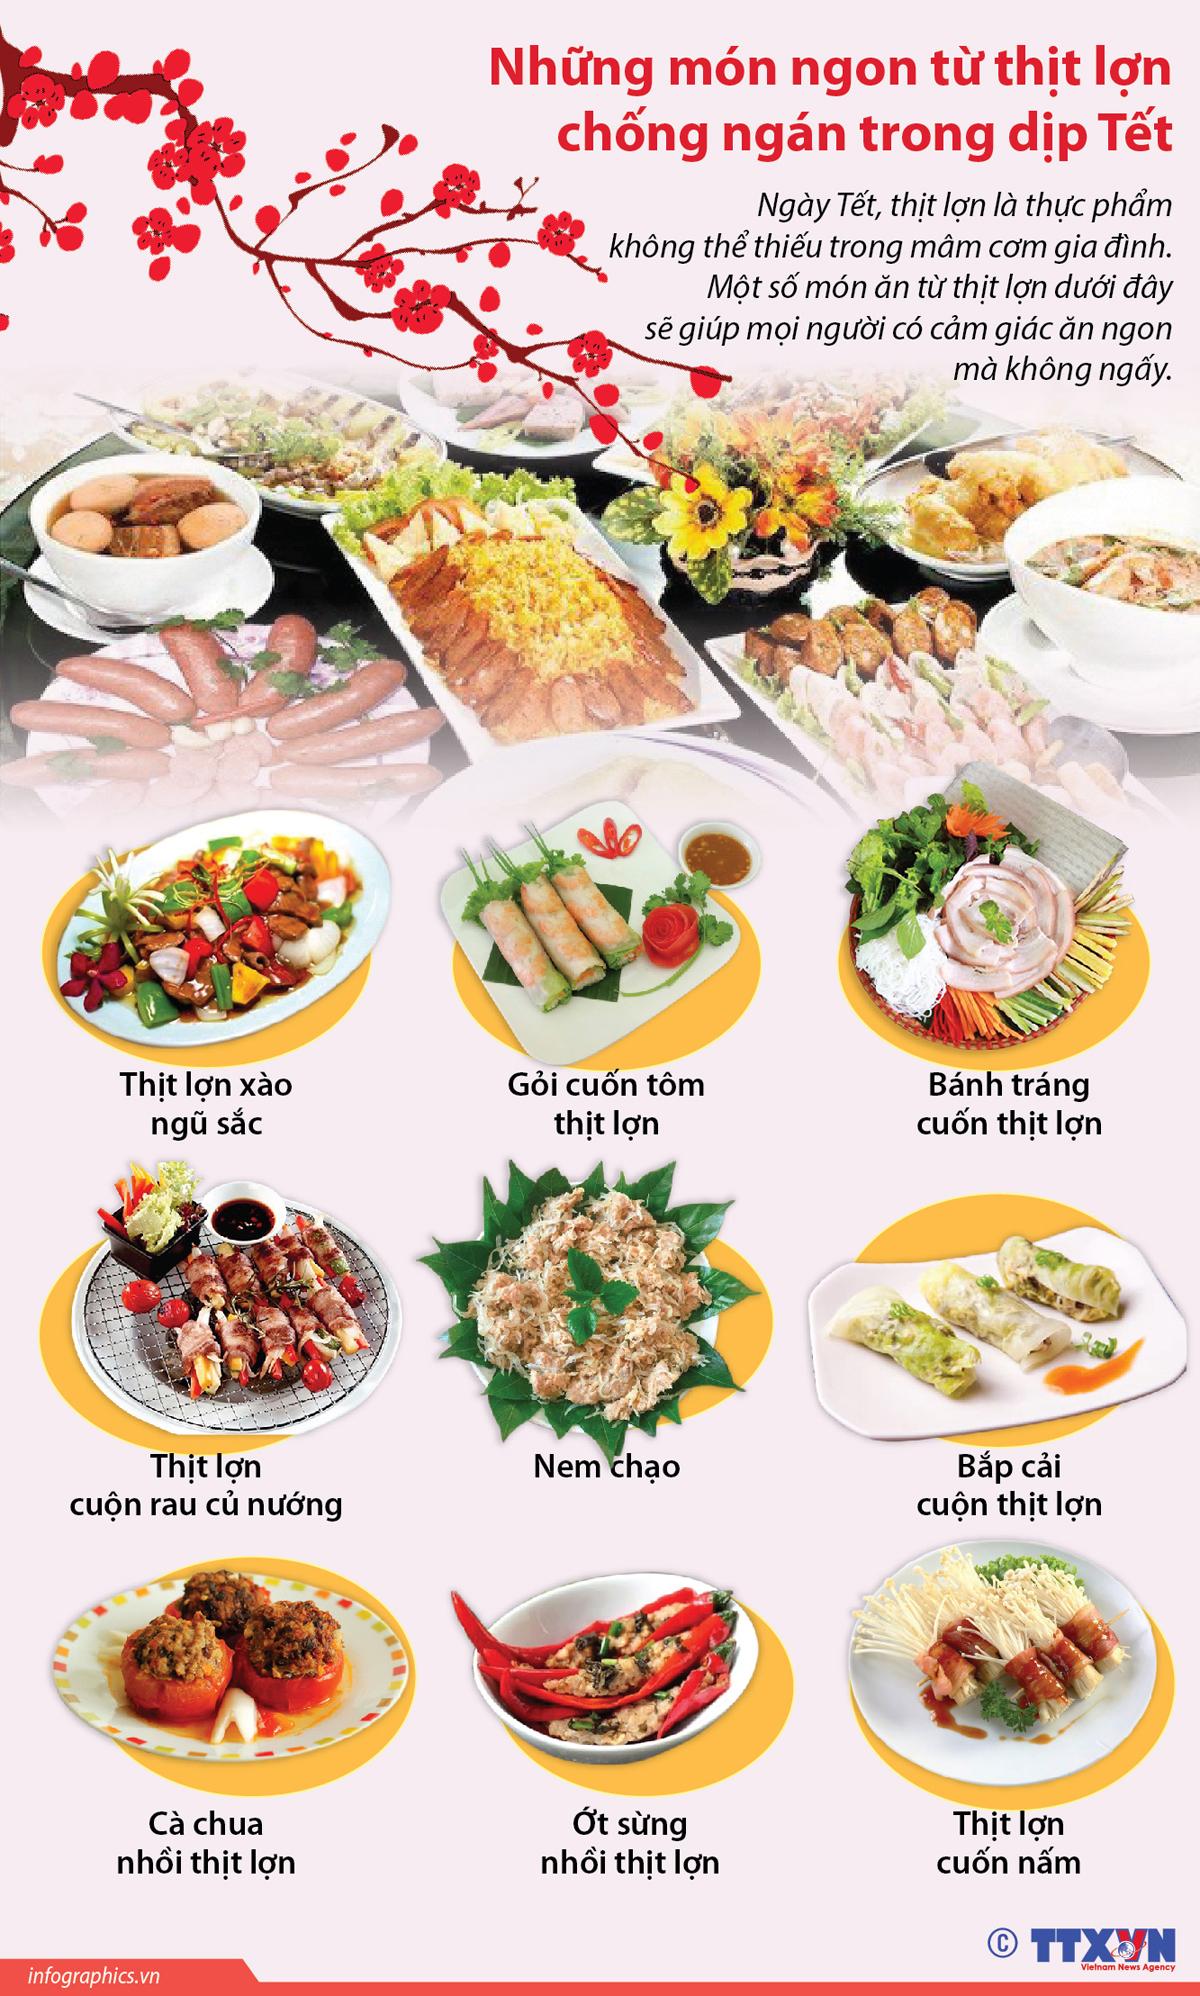 món ngon, thịt lợn, chống ngán, tết, thực phẩm, mâm cơm, gia đình